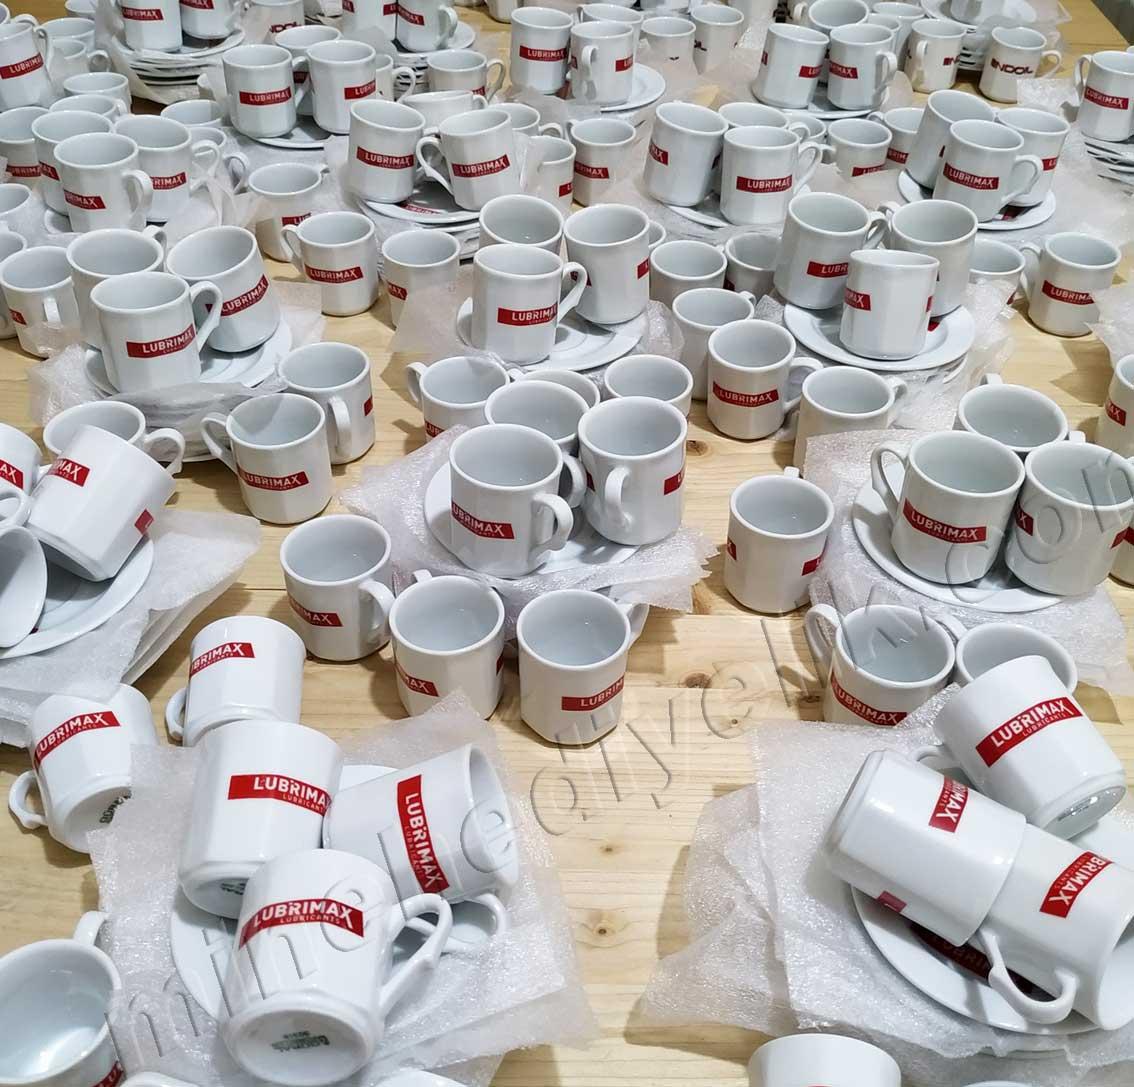 Kurumsal Promosyon Amaçlı Logolu Kahve Fincan Takımları